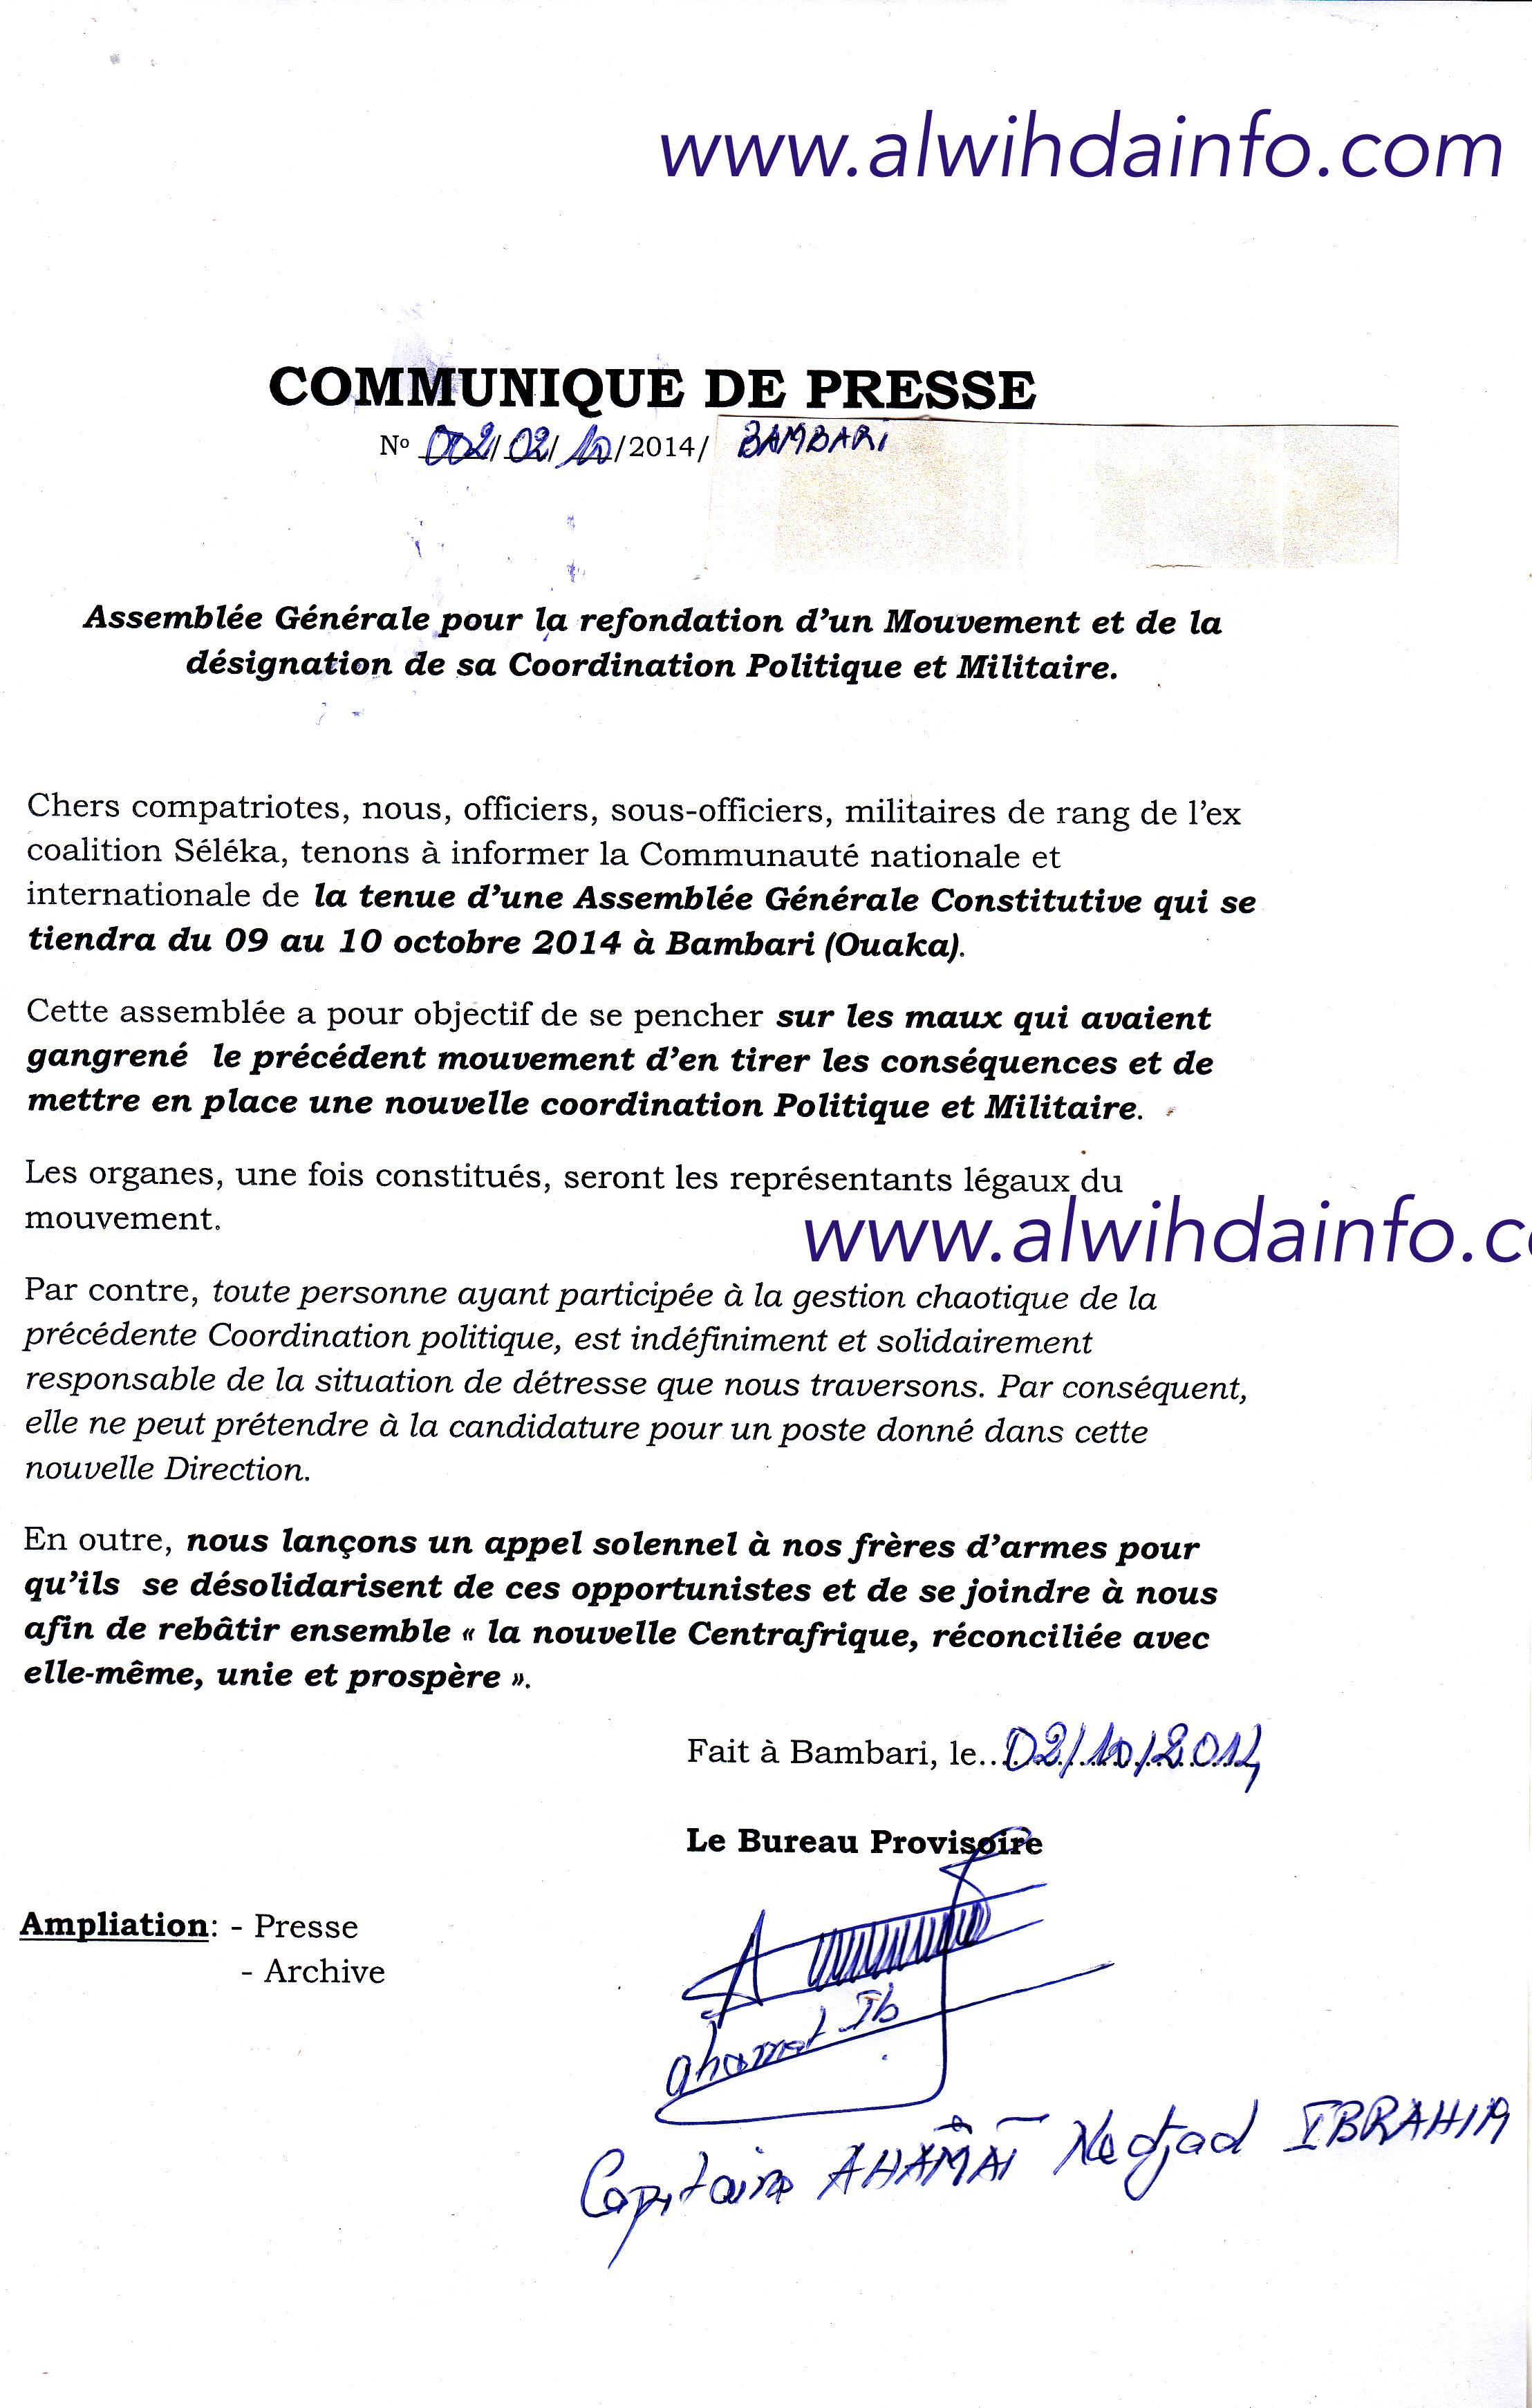 """RCA : D'ex-Séléka lancent un """"appel solennel à leurs frères d'armes pour se désolidariser"""""""